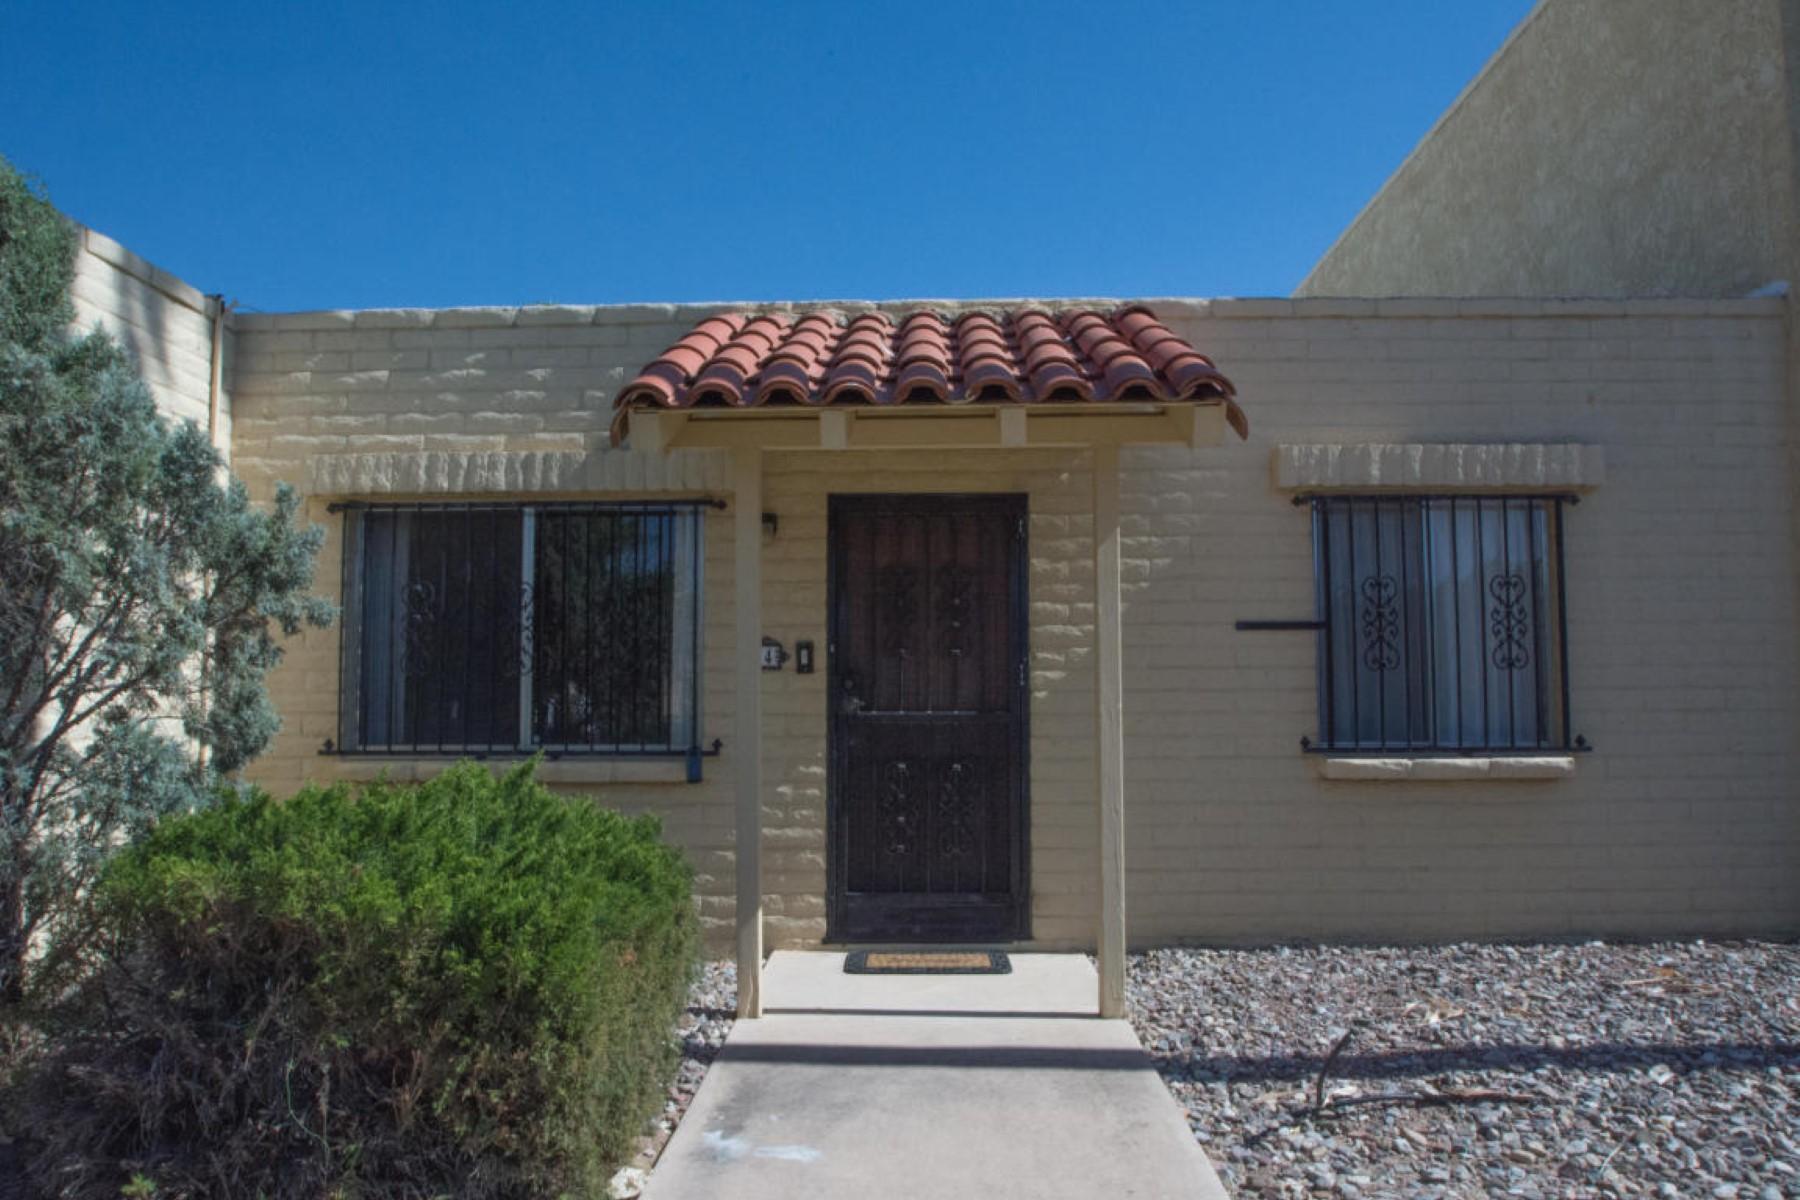 Кооперативная квартира для того Продажа на Well taken care condo for sale. 810 S Kolb Road 34 Tucson, Аризона 85710 Соединенные Штаты